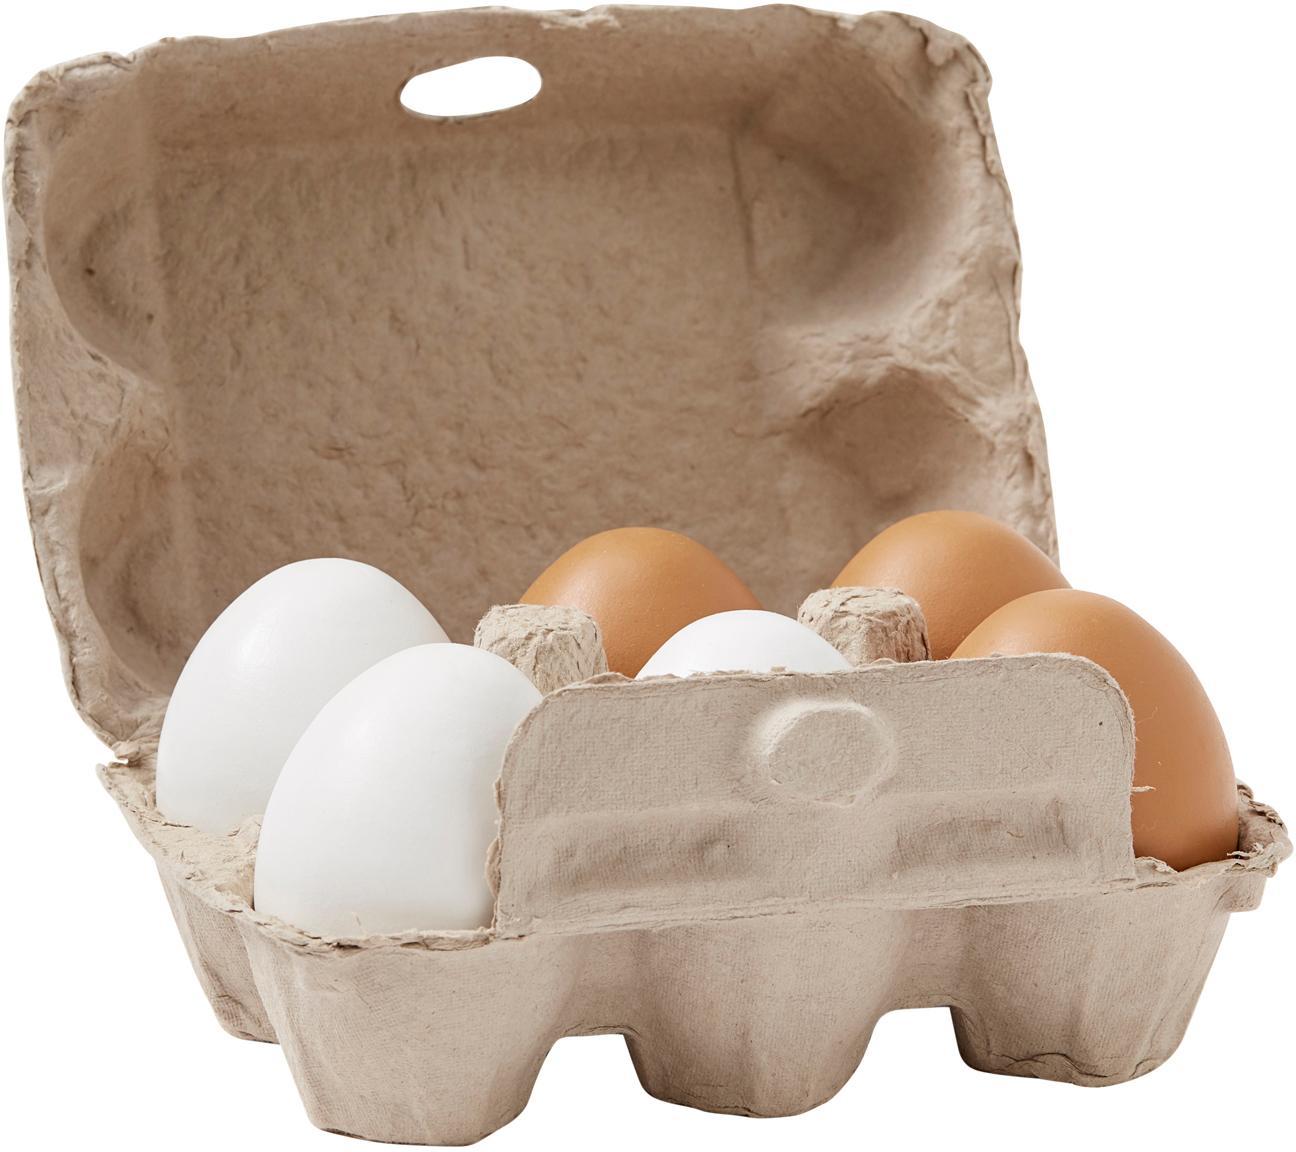 Spielzeug-Set Eggy, 7-tlg., Karton, Holz, Grau, Sondergrößen